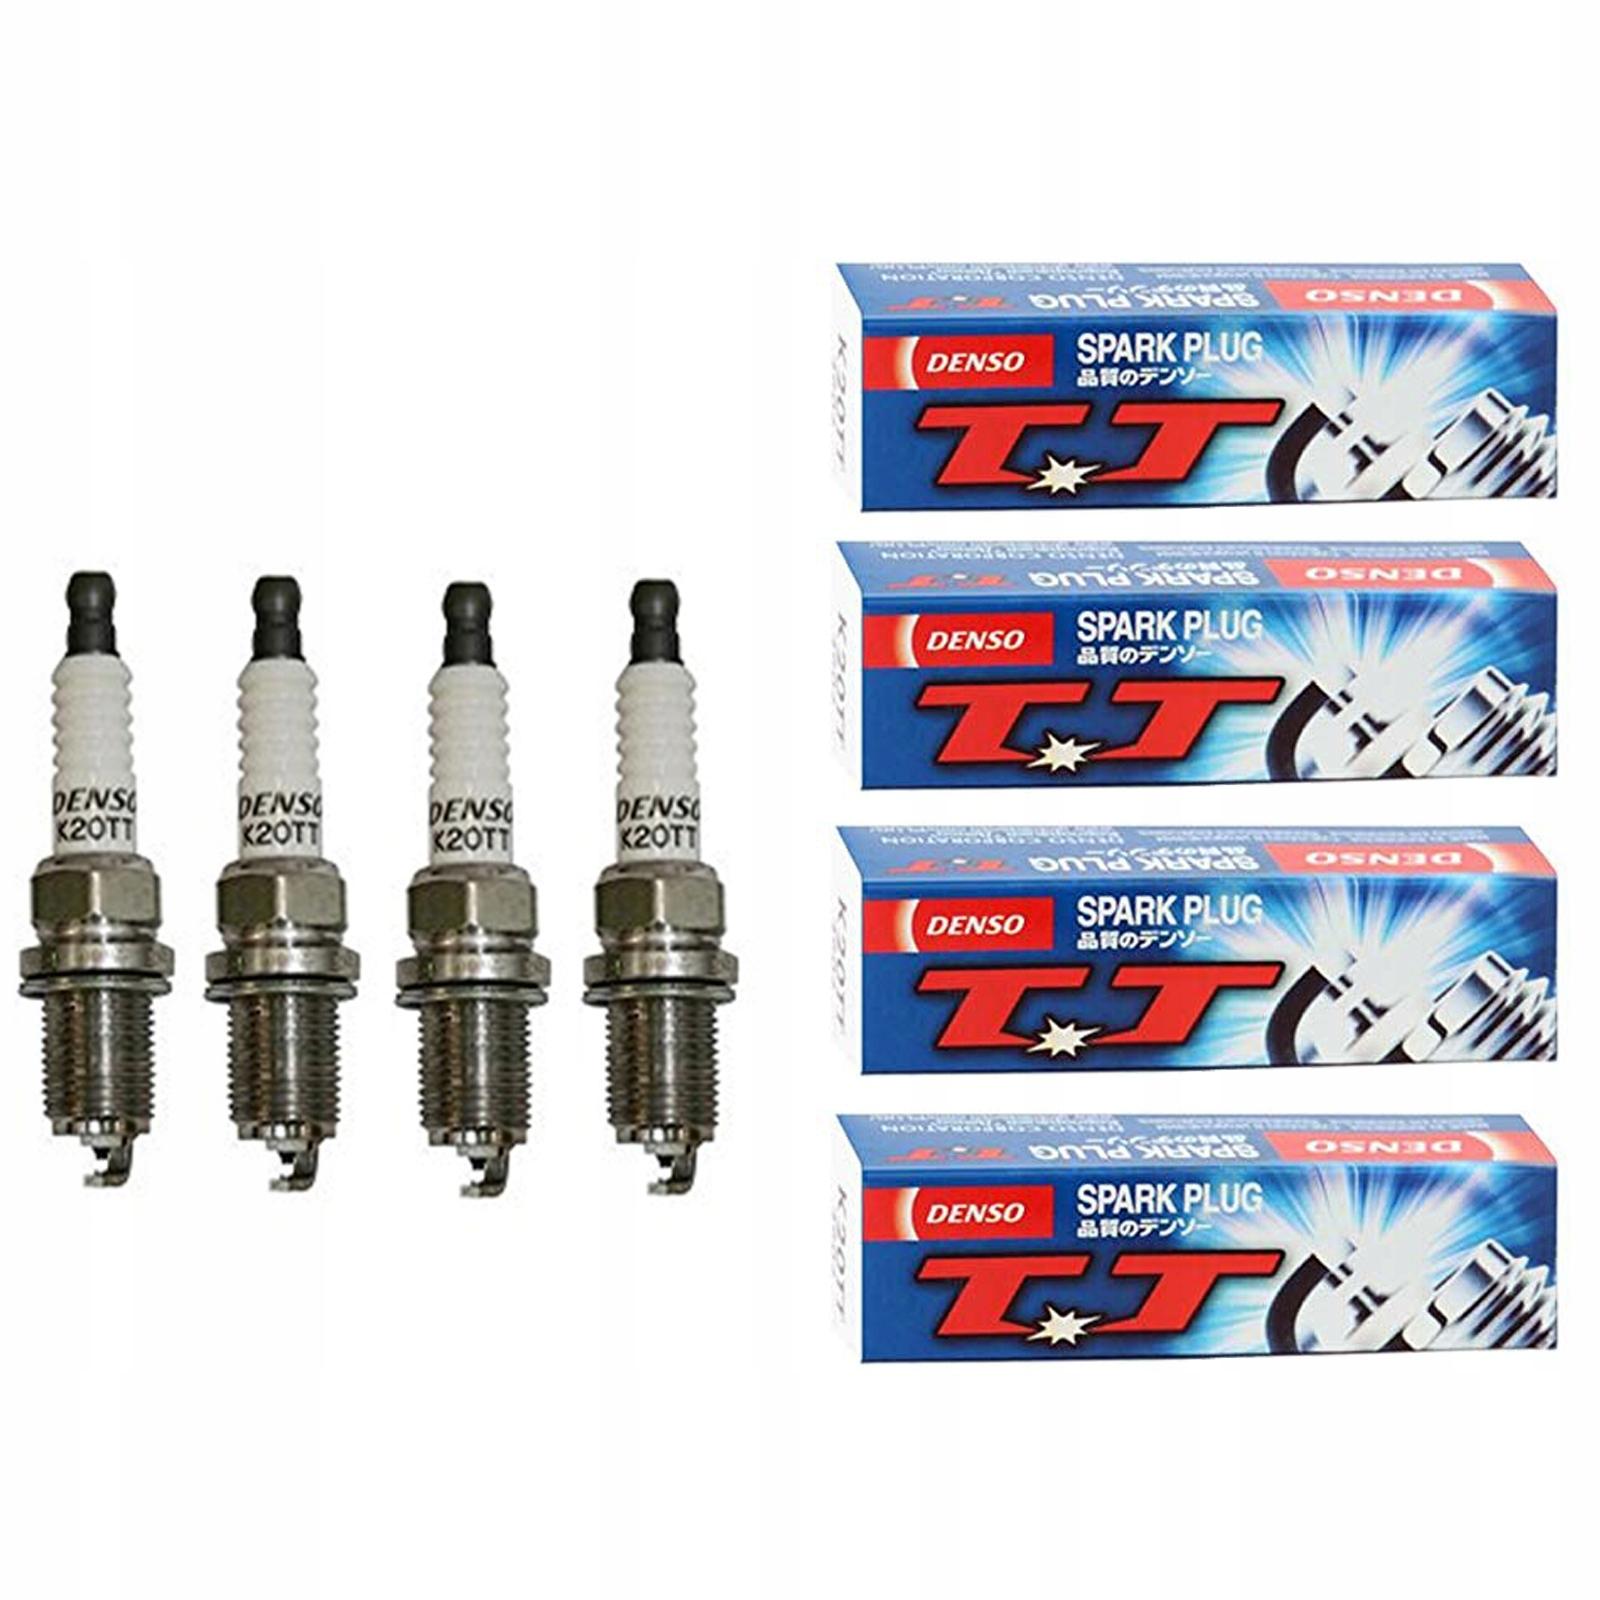 4x denso k20tt Свечи зажигания - комплект к снг